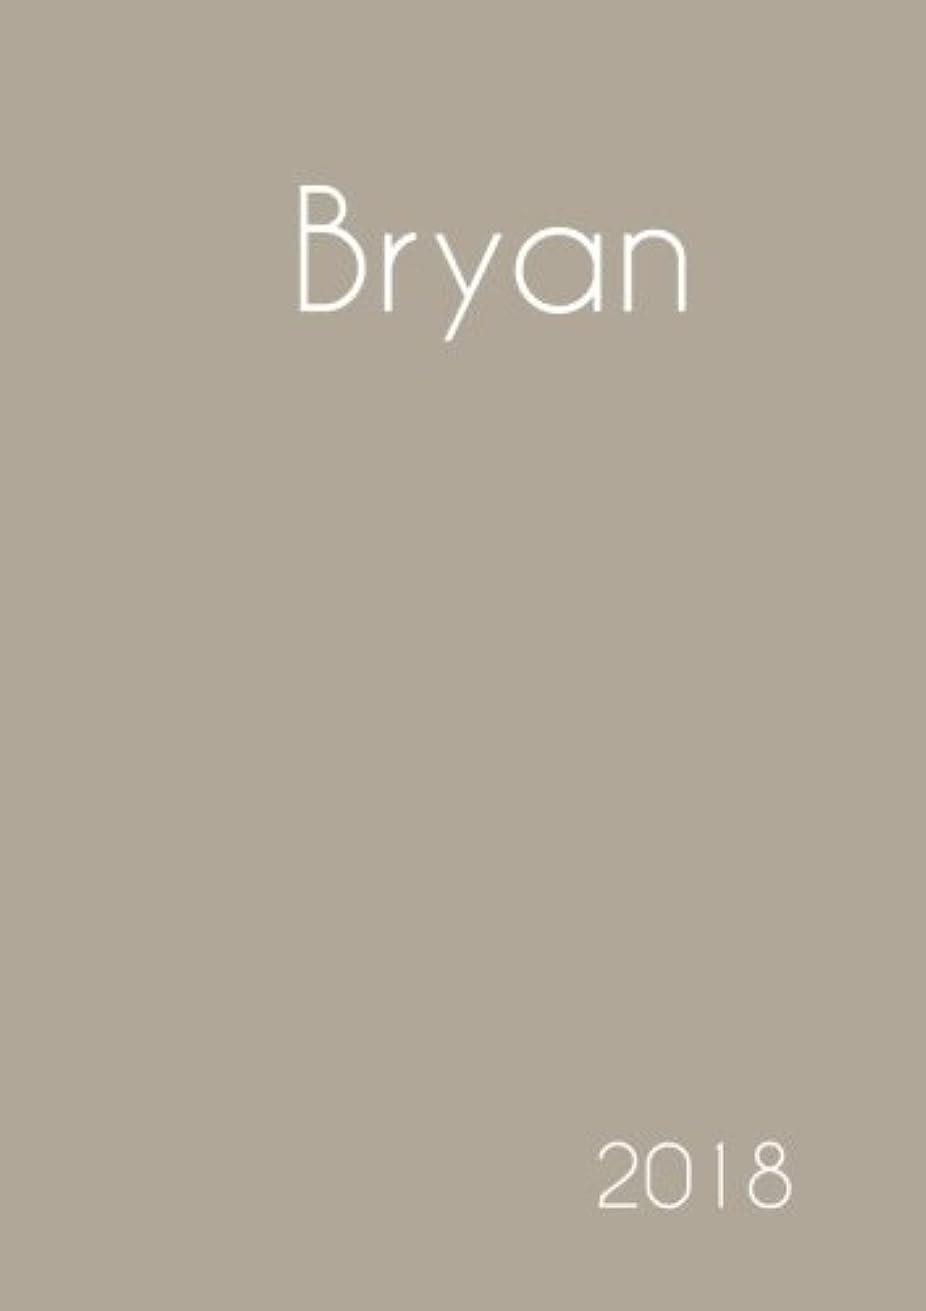 広くゆでる農夫2018: Namenskalender 2018 - Bryan - DIN A5 - eine Woche pro Doppelseite